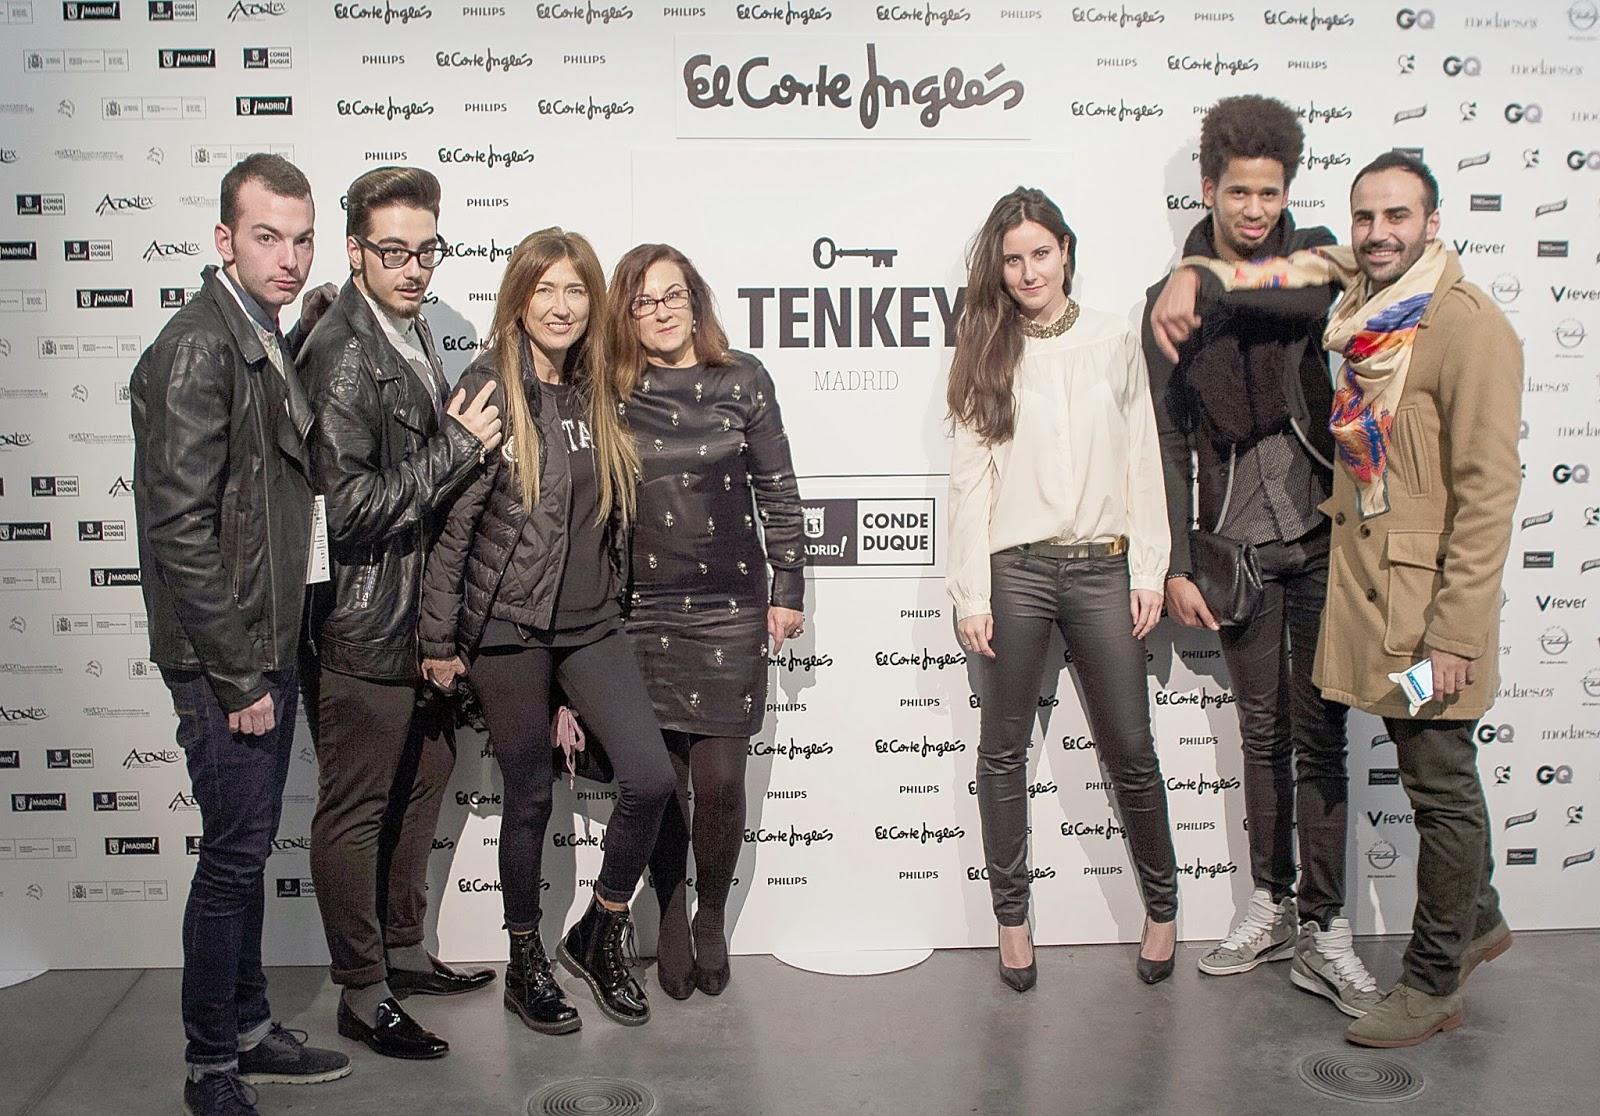 Desfile Tenkey, blog de moda, photocall, bloggers